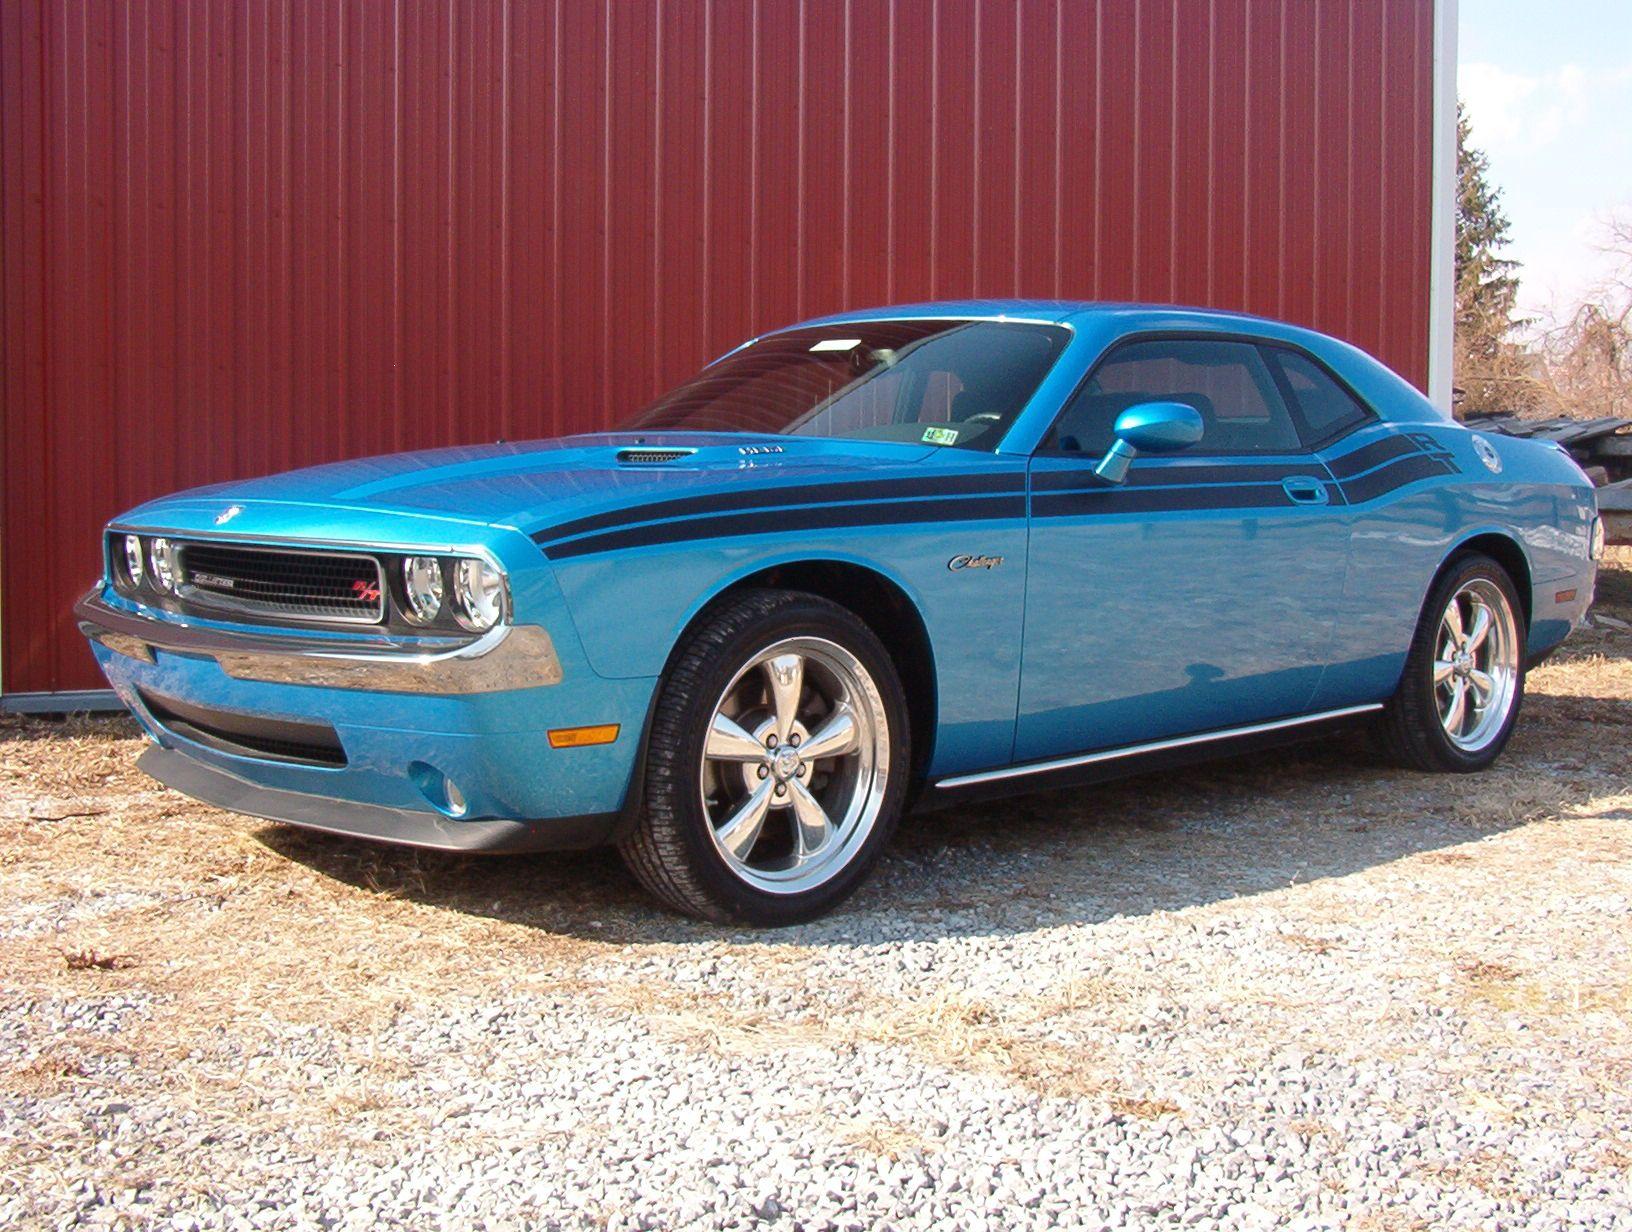 Pin by Ron Clark on MOPAR: Challenger (B5 Blue) | Pinterest | Mopar ...